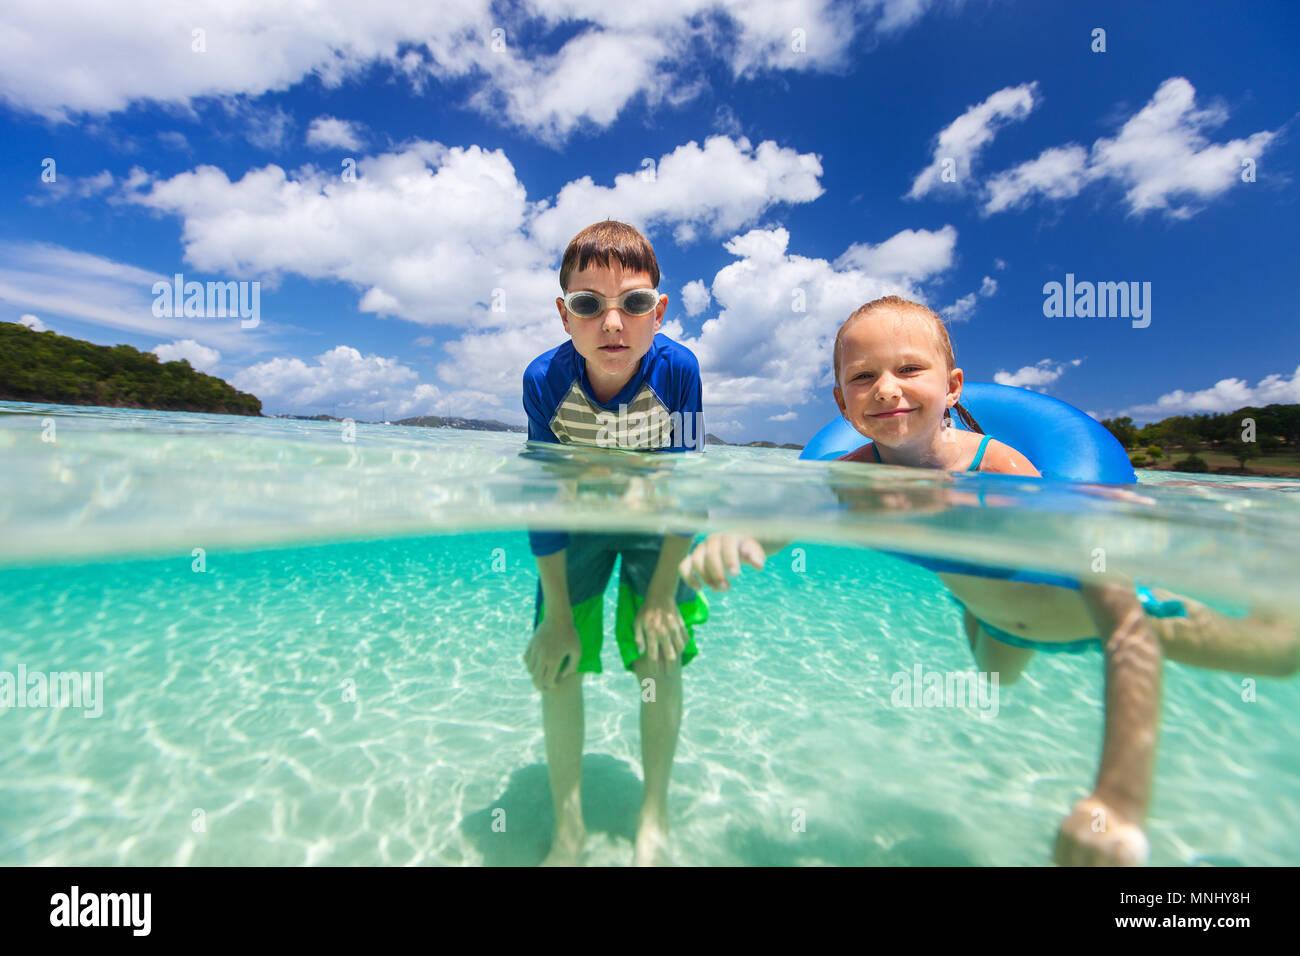 Split Unterwasser Foto der süßen kleinen Mädchen und niedlichen Jungen planschen in einem tropischen Meer Wasser in den Sommerferien Stockfoto